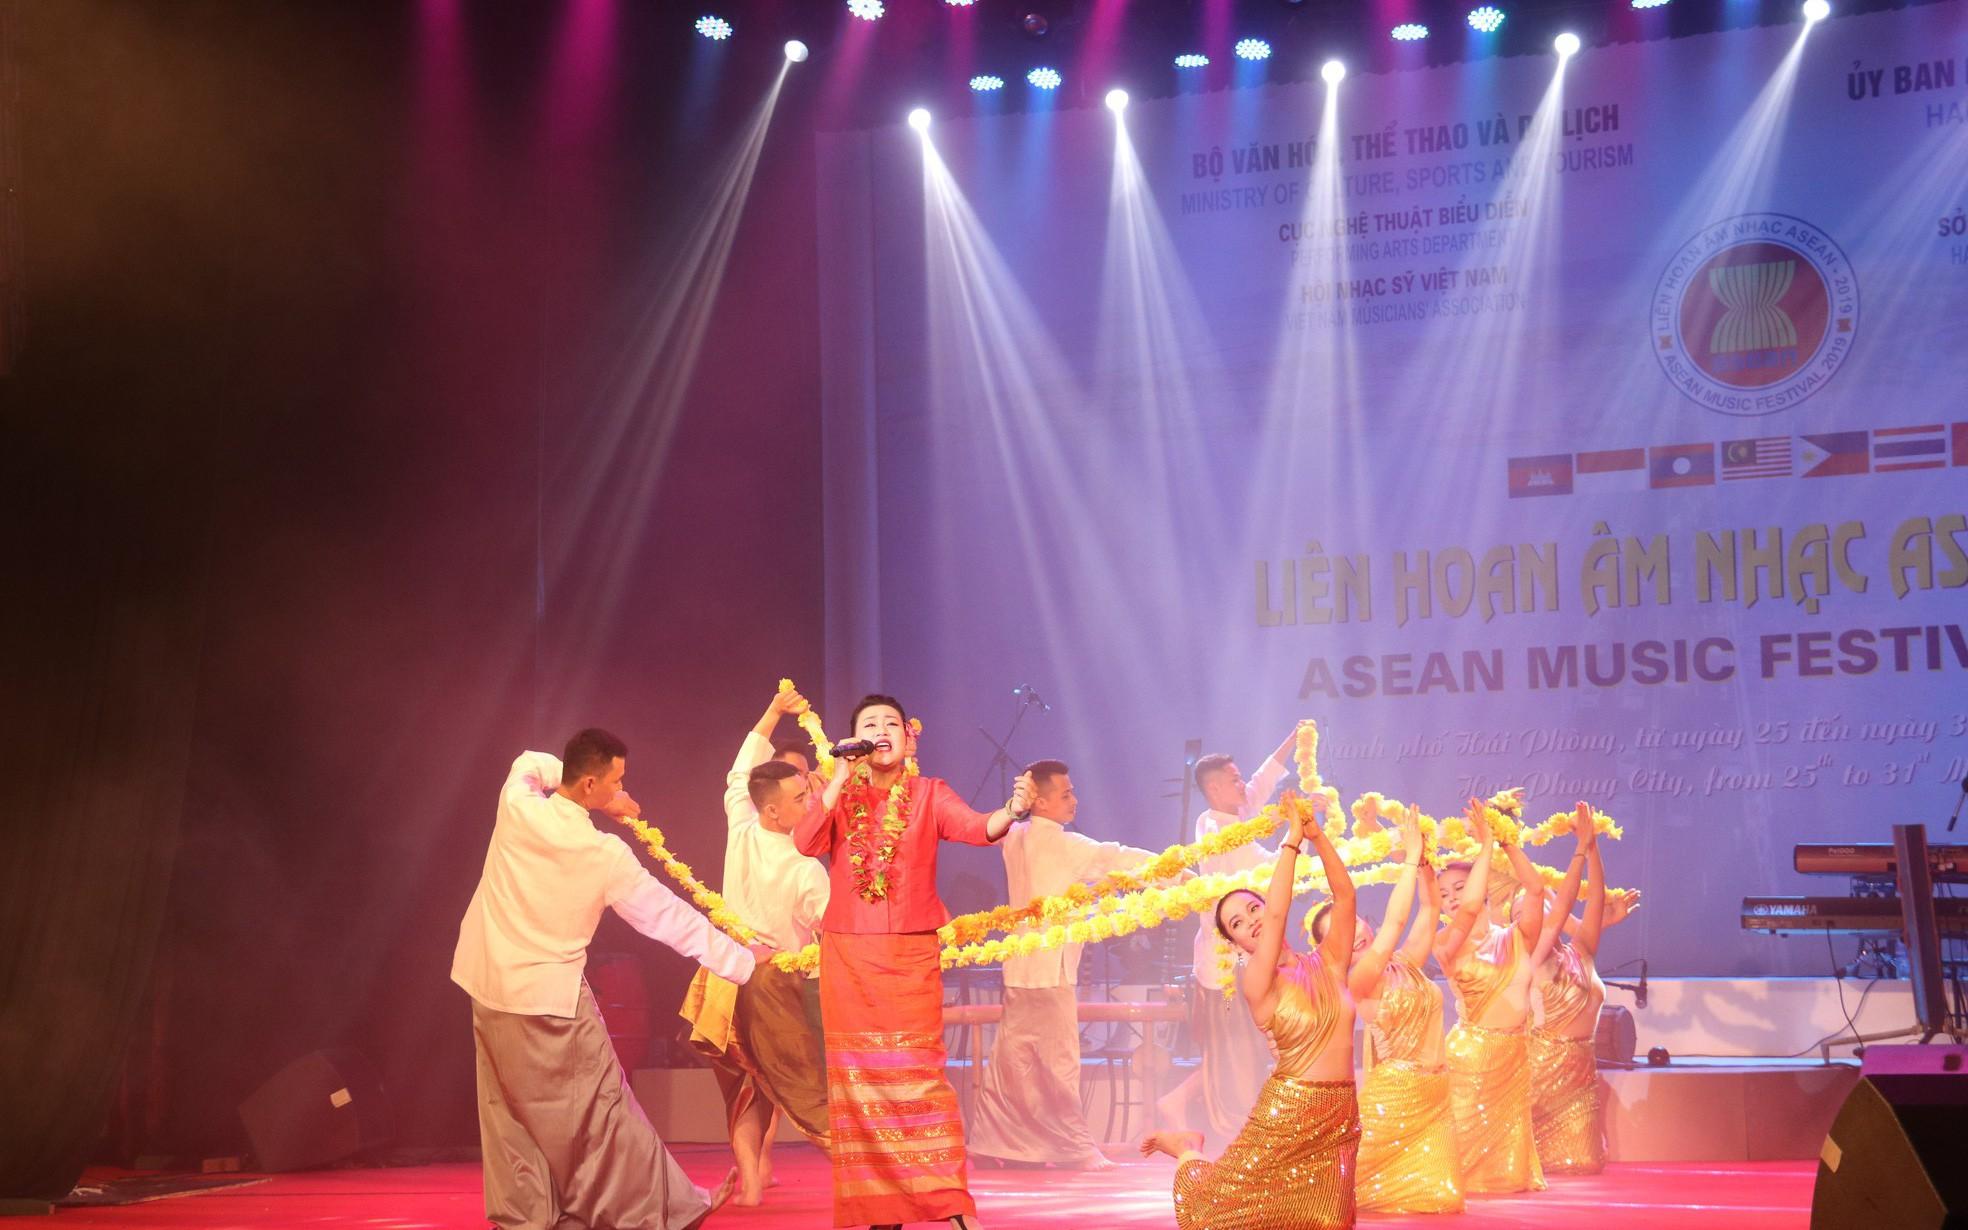 Thứ trưởng Lê Khánh Hải: Liên hoan Âm nhạc ASEAN 2019 là sự kiện văn hóa ý nghĩa, thúc đẩy quan hệ hợp tác giữa các quốc gia trong khu vực